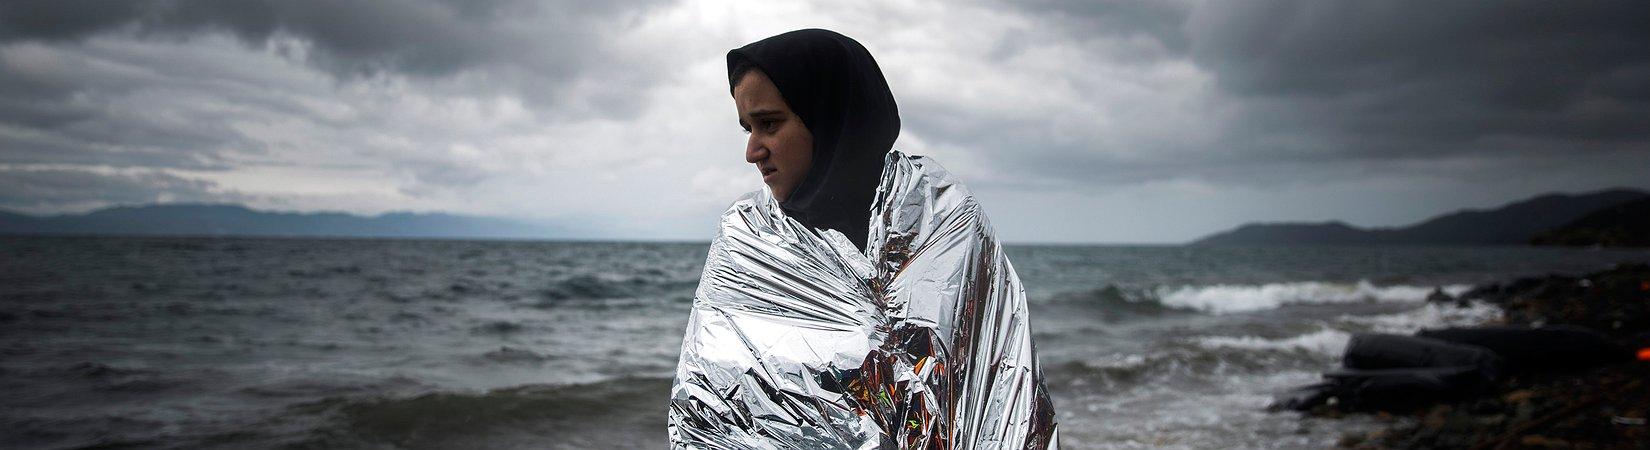 Das Jahr, als Syrien zum Problem wurde